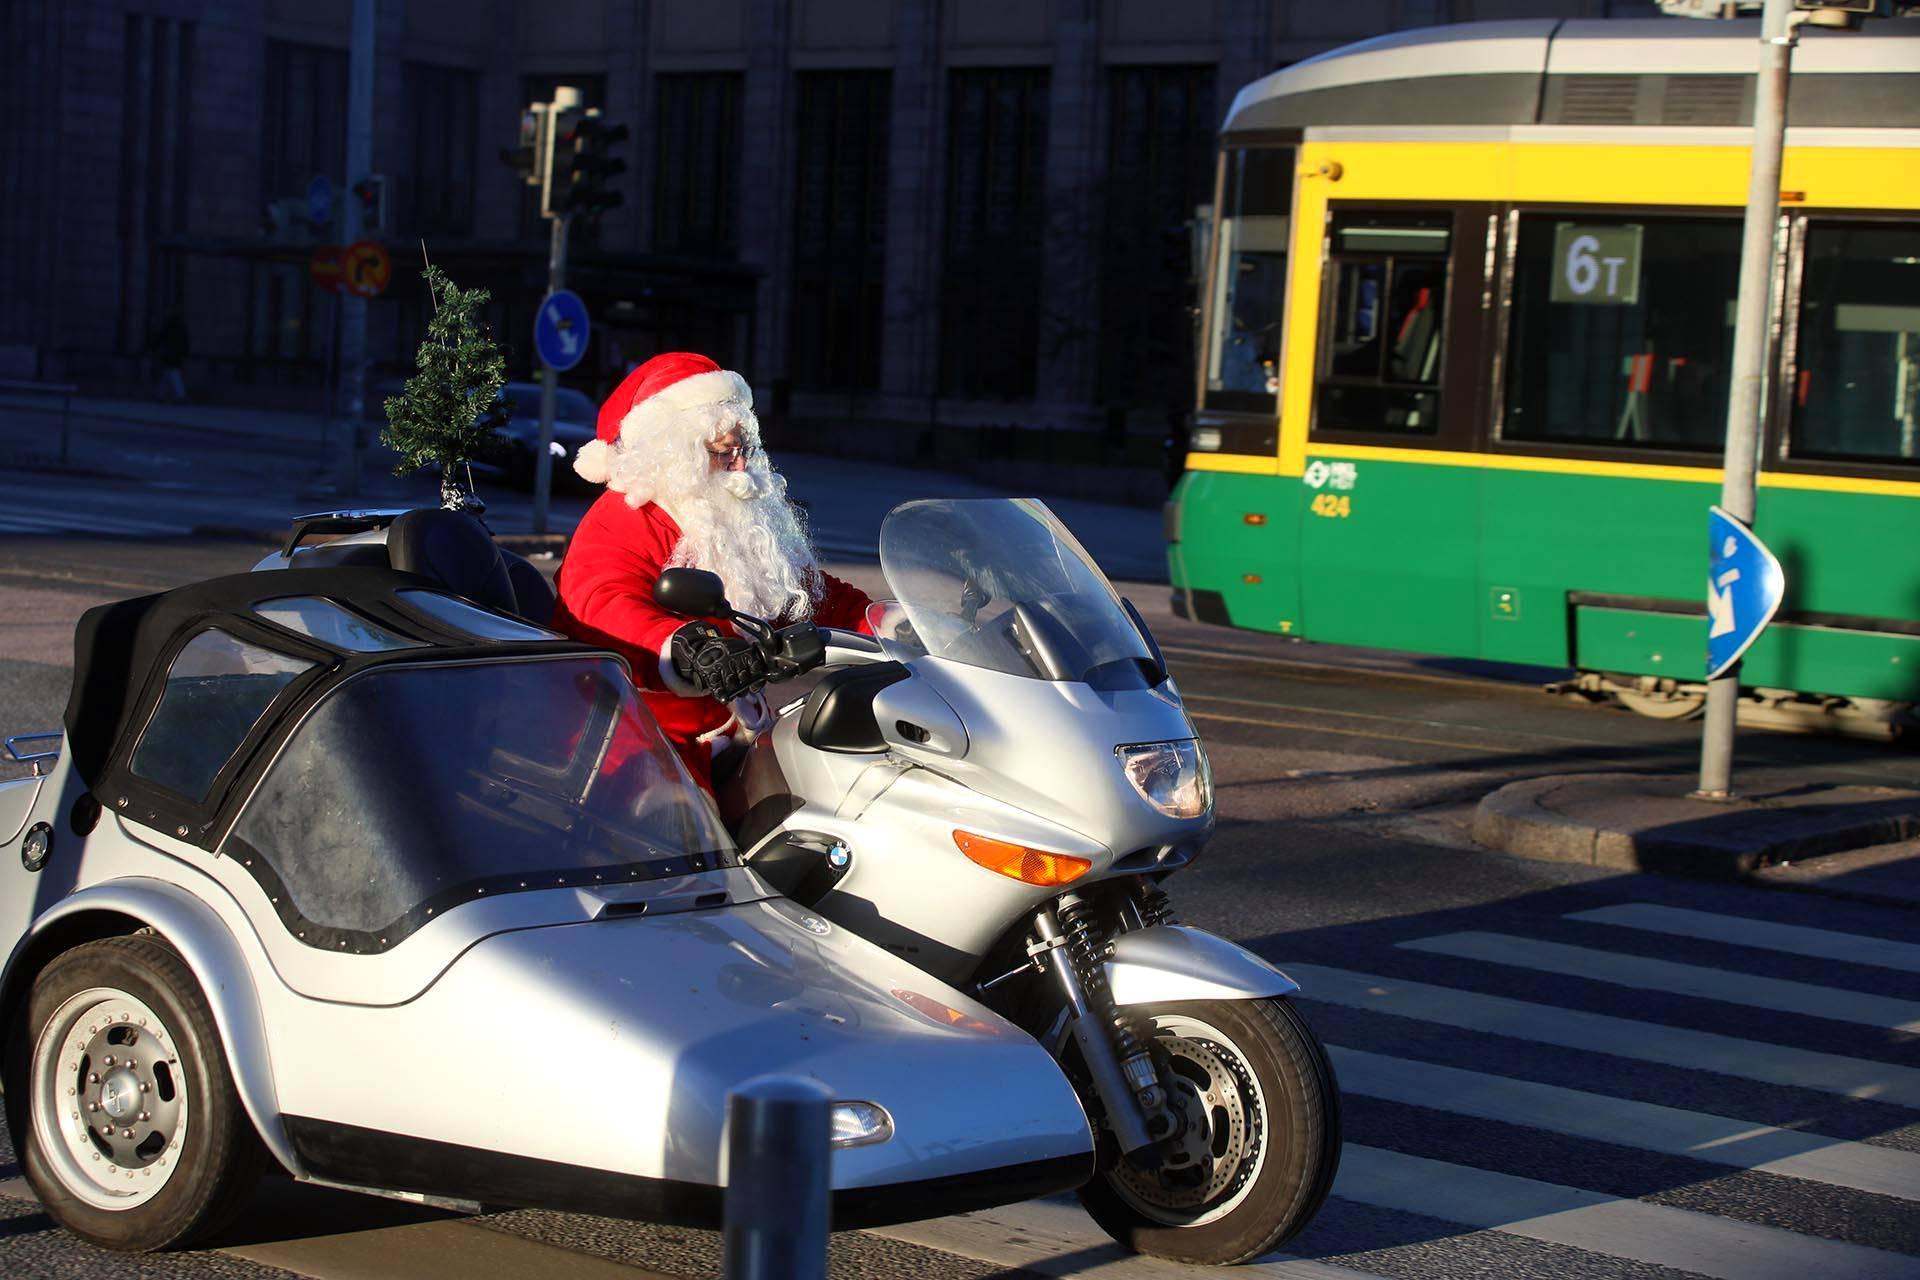 Helsinkiläinen joulupukki ajeli sivuvaunumoottoripyörällä Helsingin keskustassa aattona puolenpäivän aikoihin.